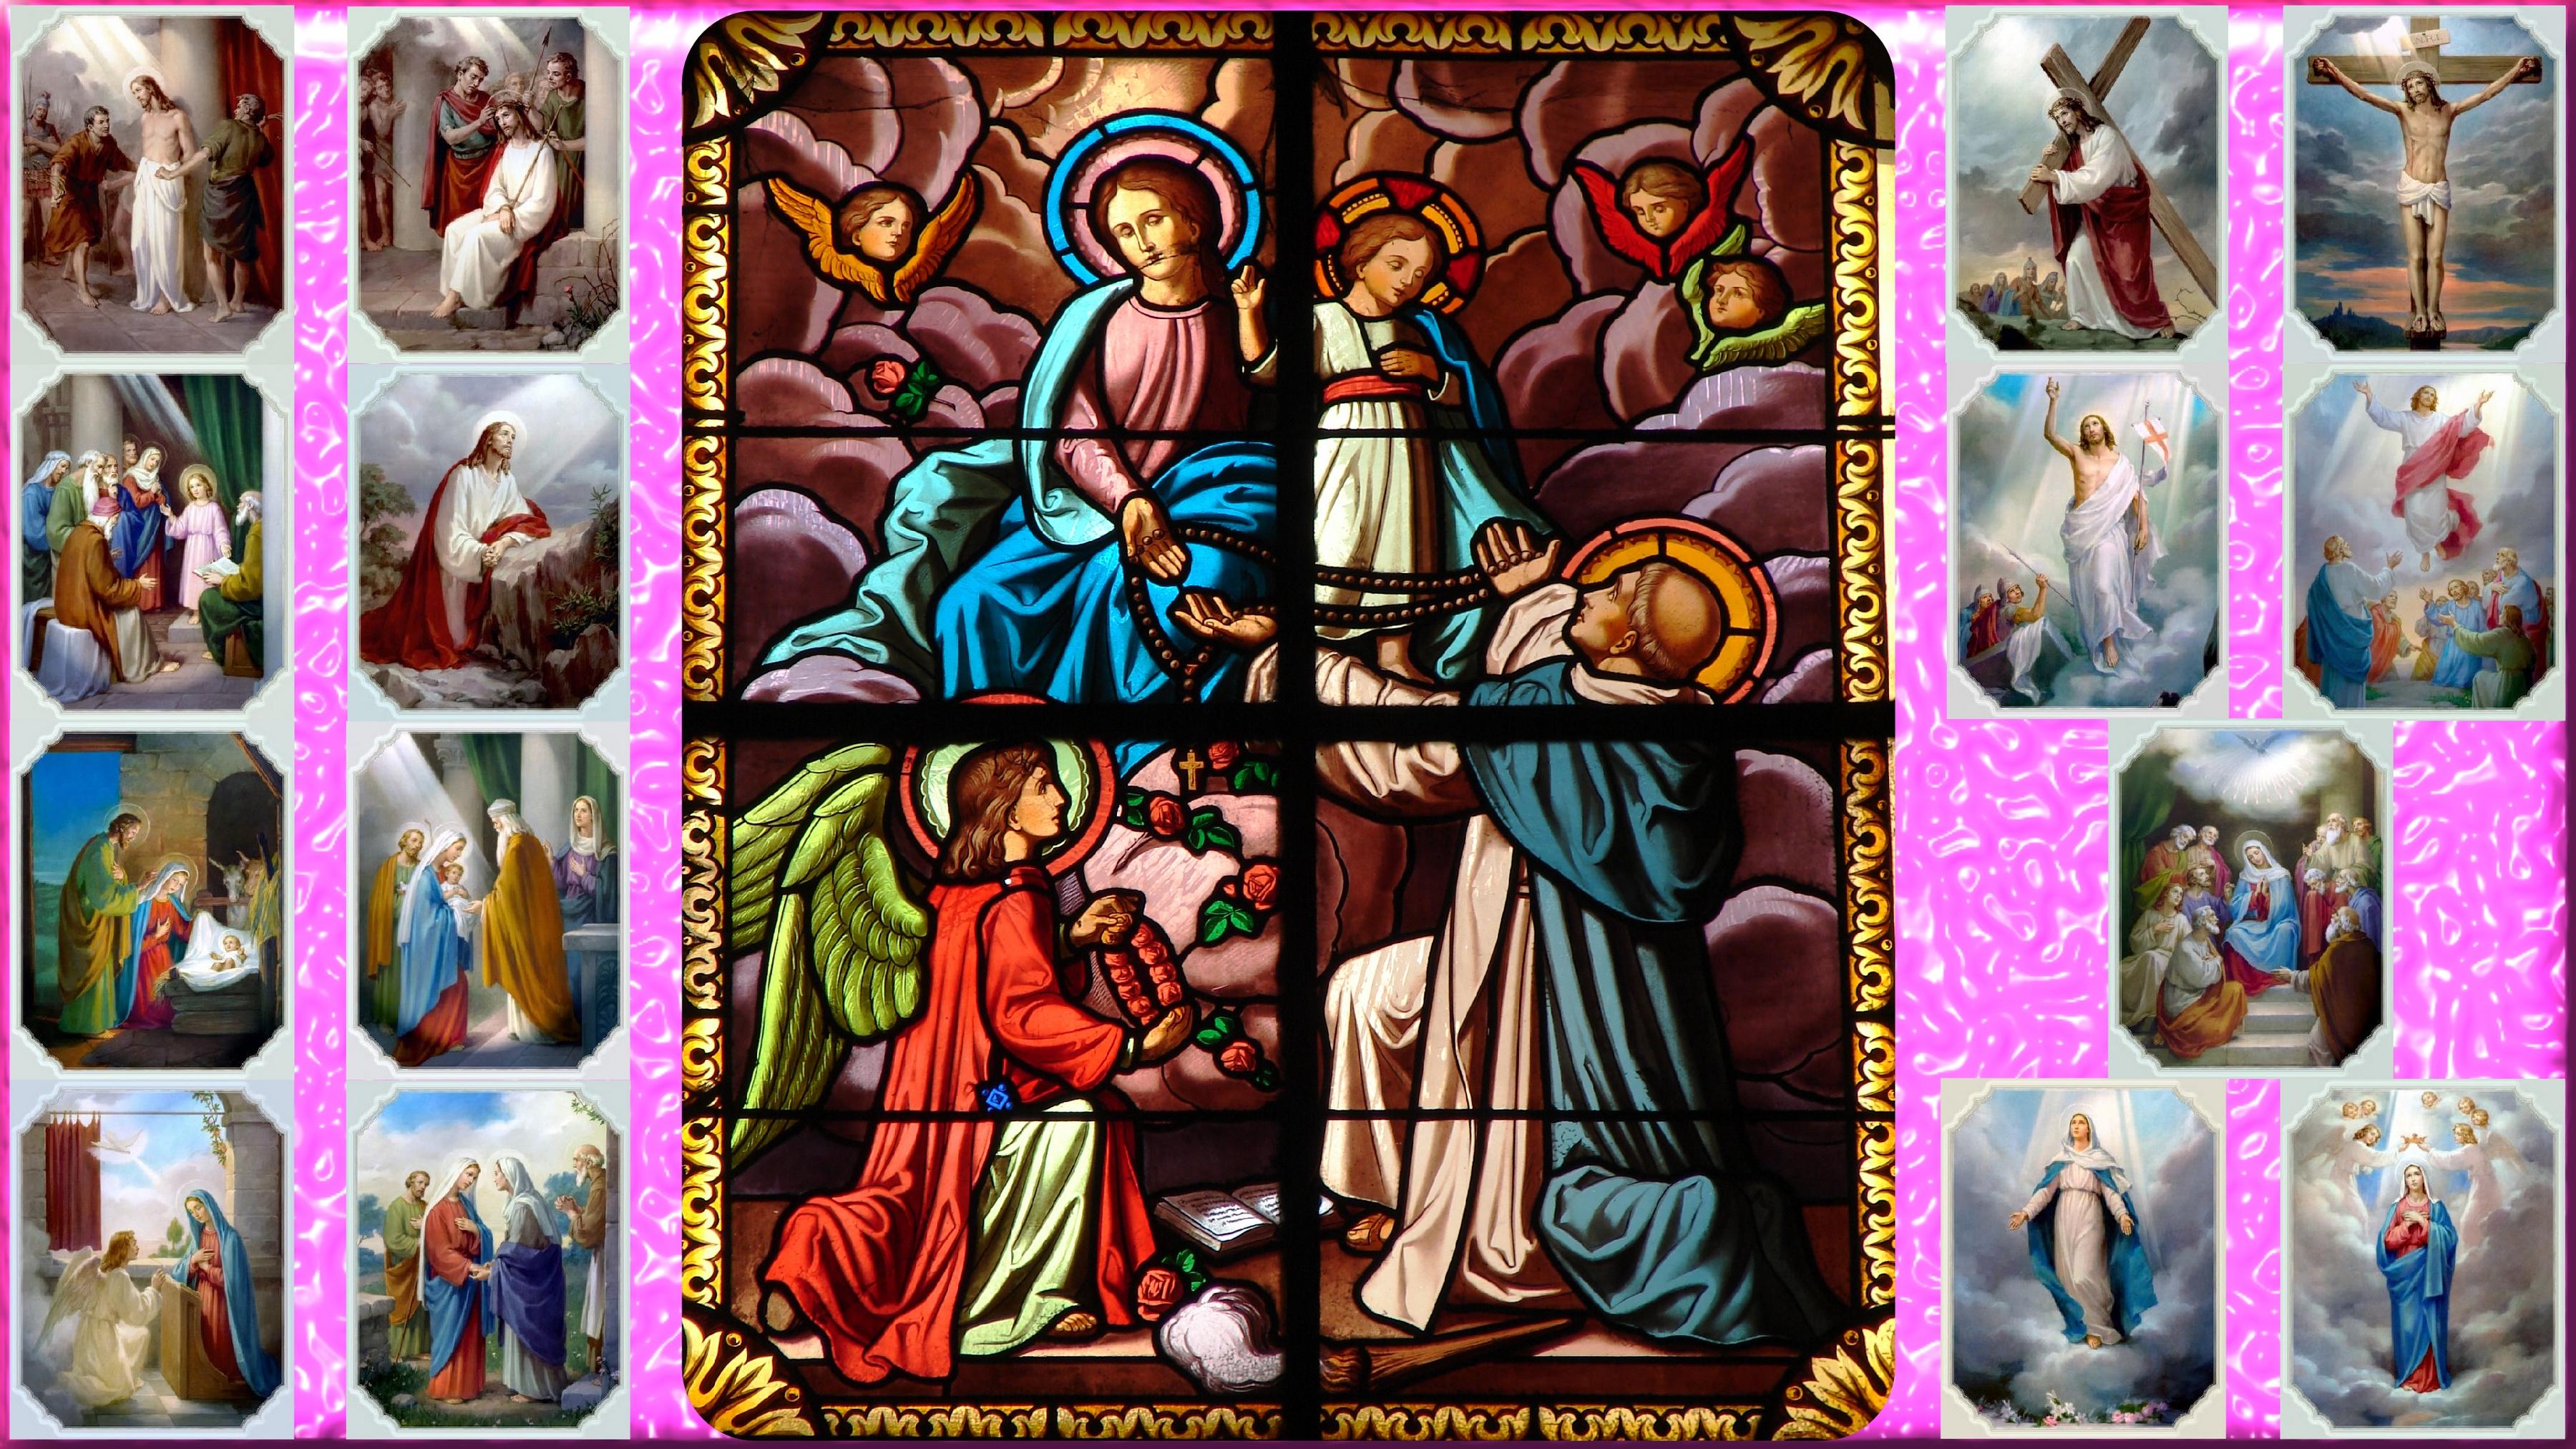 Le Rosaire en Images - Page 3 St-dominique-rece...de-marie-5604403